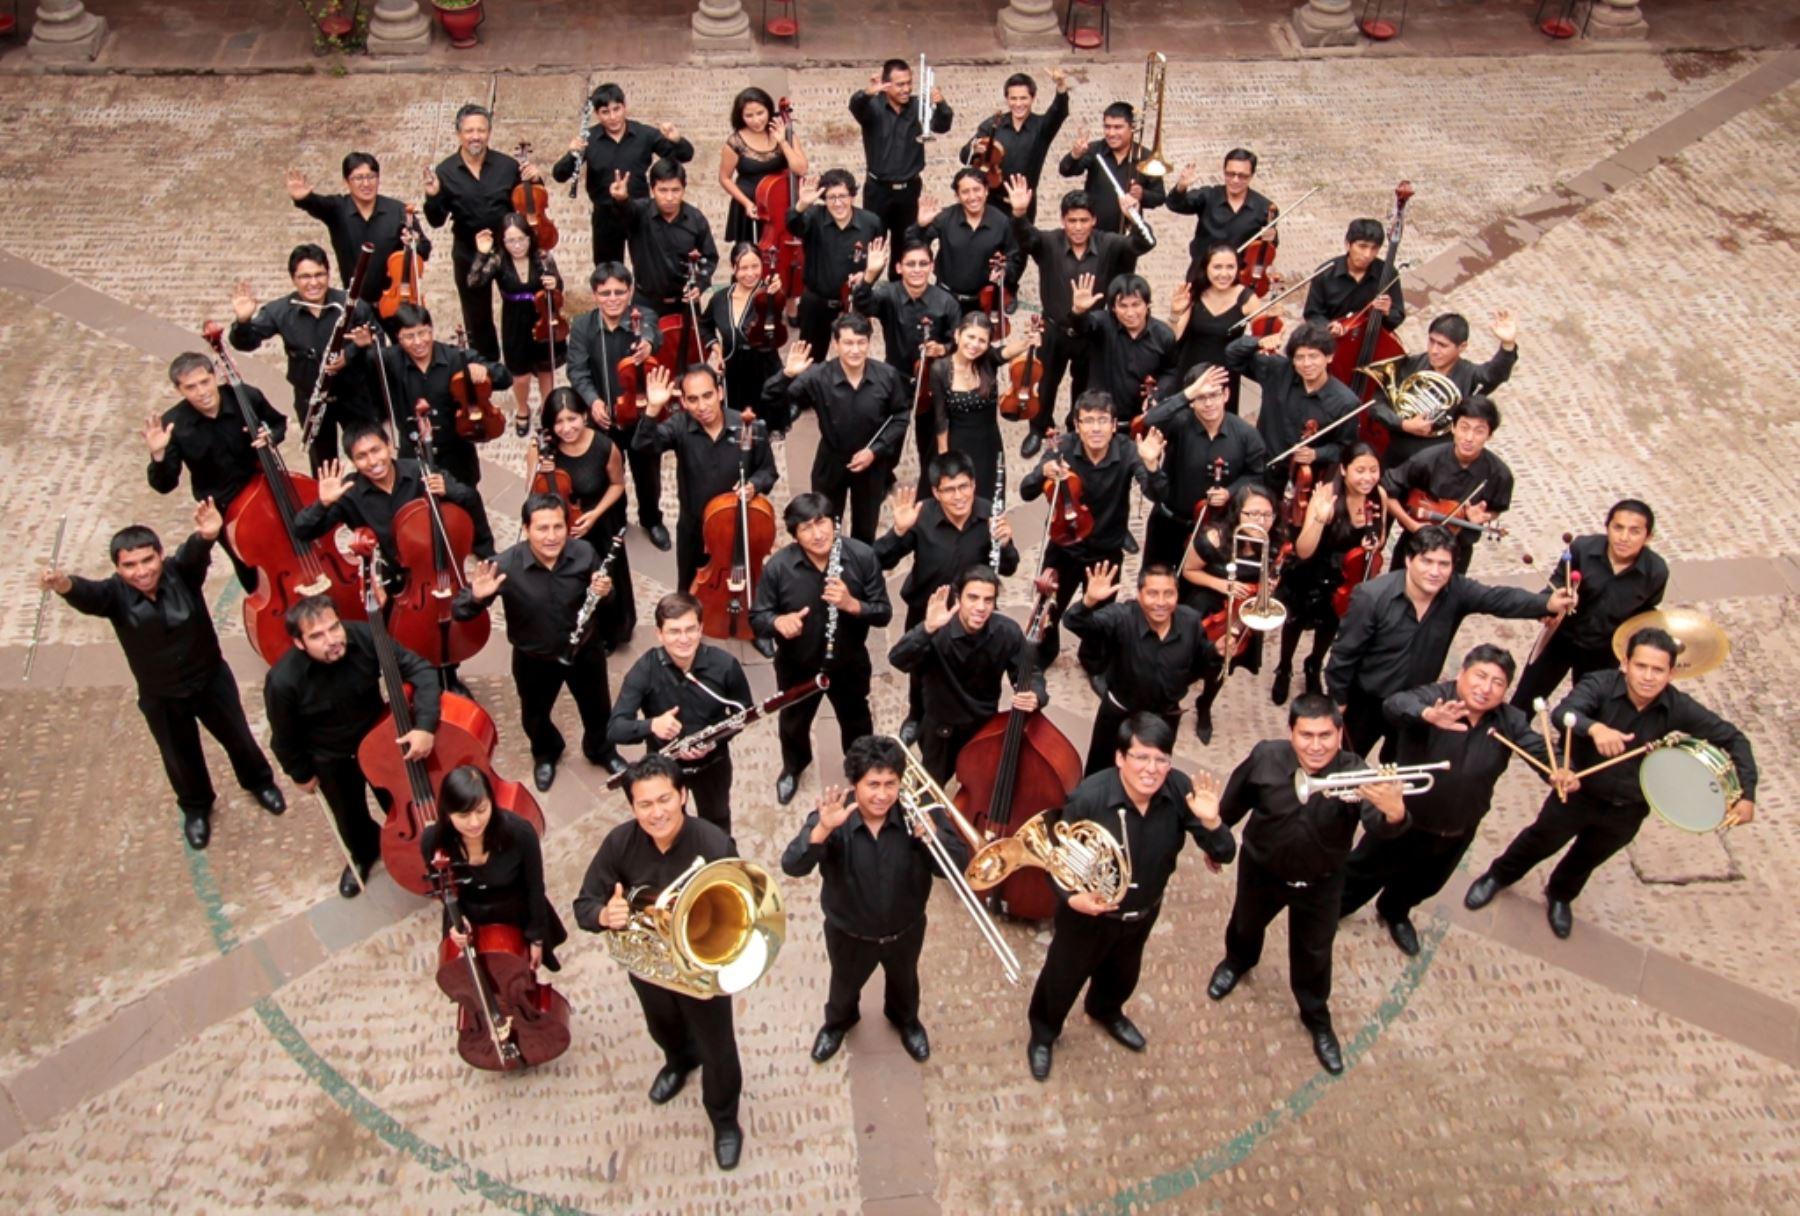 Voy A Presentar En La Orquesta De La Luz W